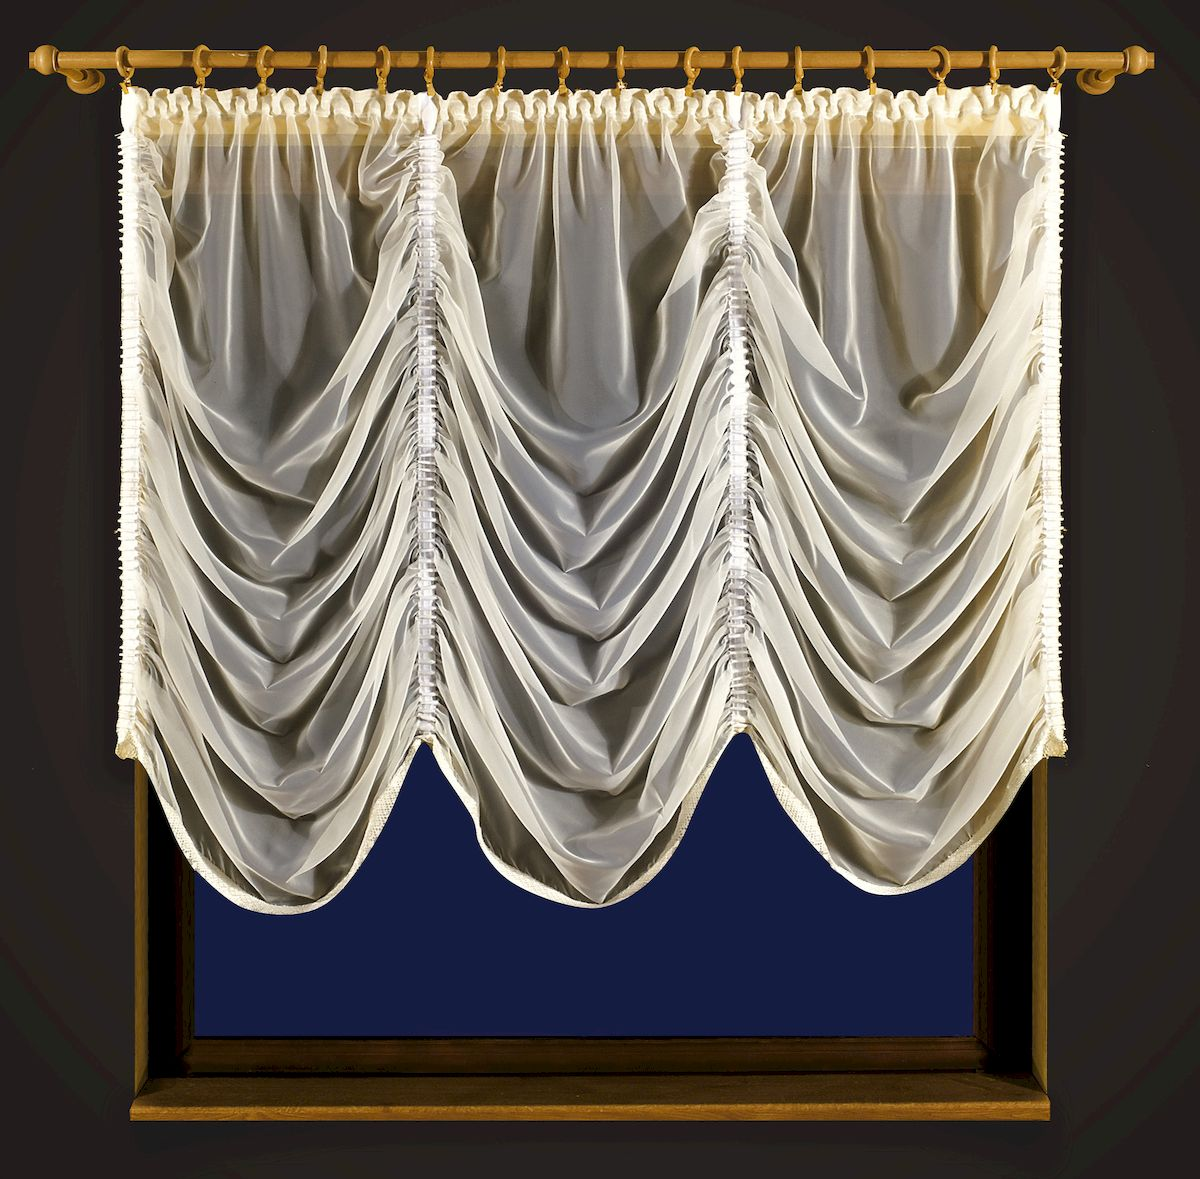 Гардина Zlata Korunka, цвет: кремовый, высота 250 см. 5560955609Гардина Zlata Korunka, изготовленная из высококачественного полиэстера, станет великолепным украшением любого окна. Изделие из вуали выполнено по типу французской шторы. Вдоль полотна прошиты четыре туннеля, по которым гардина собирается до нужных размеров. Оригинальная гардина внесет разнообразие и подарит заряд положительного настроения.Размер несобранного полотна: 250 х 250 см.